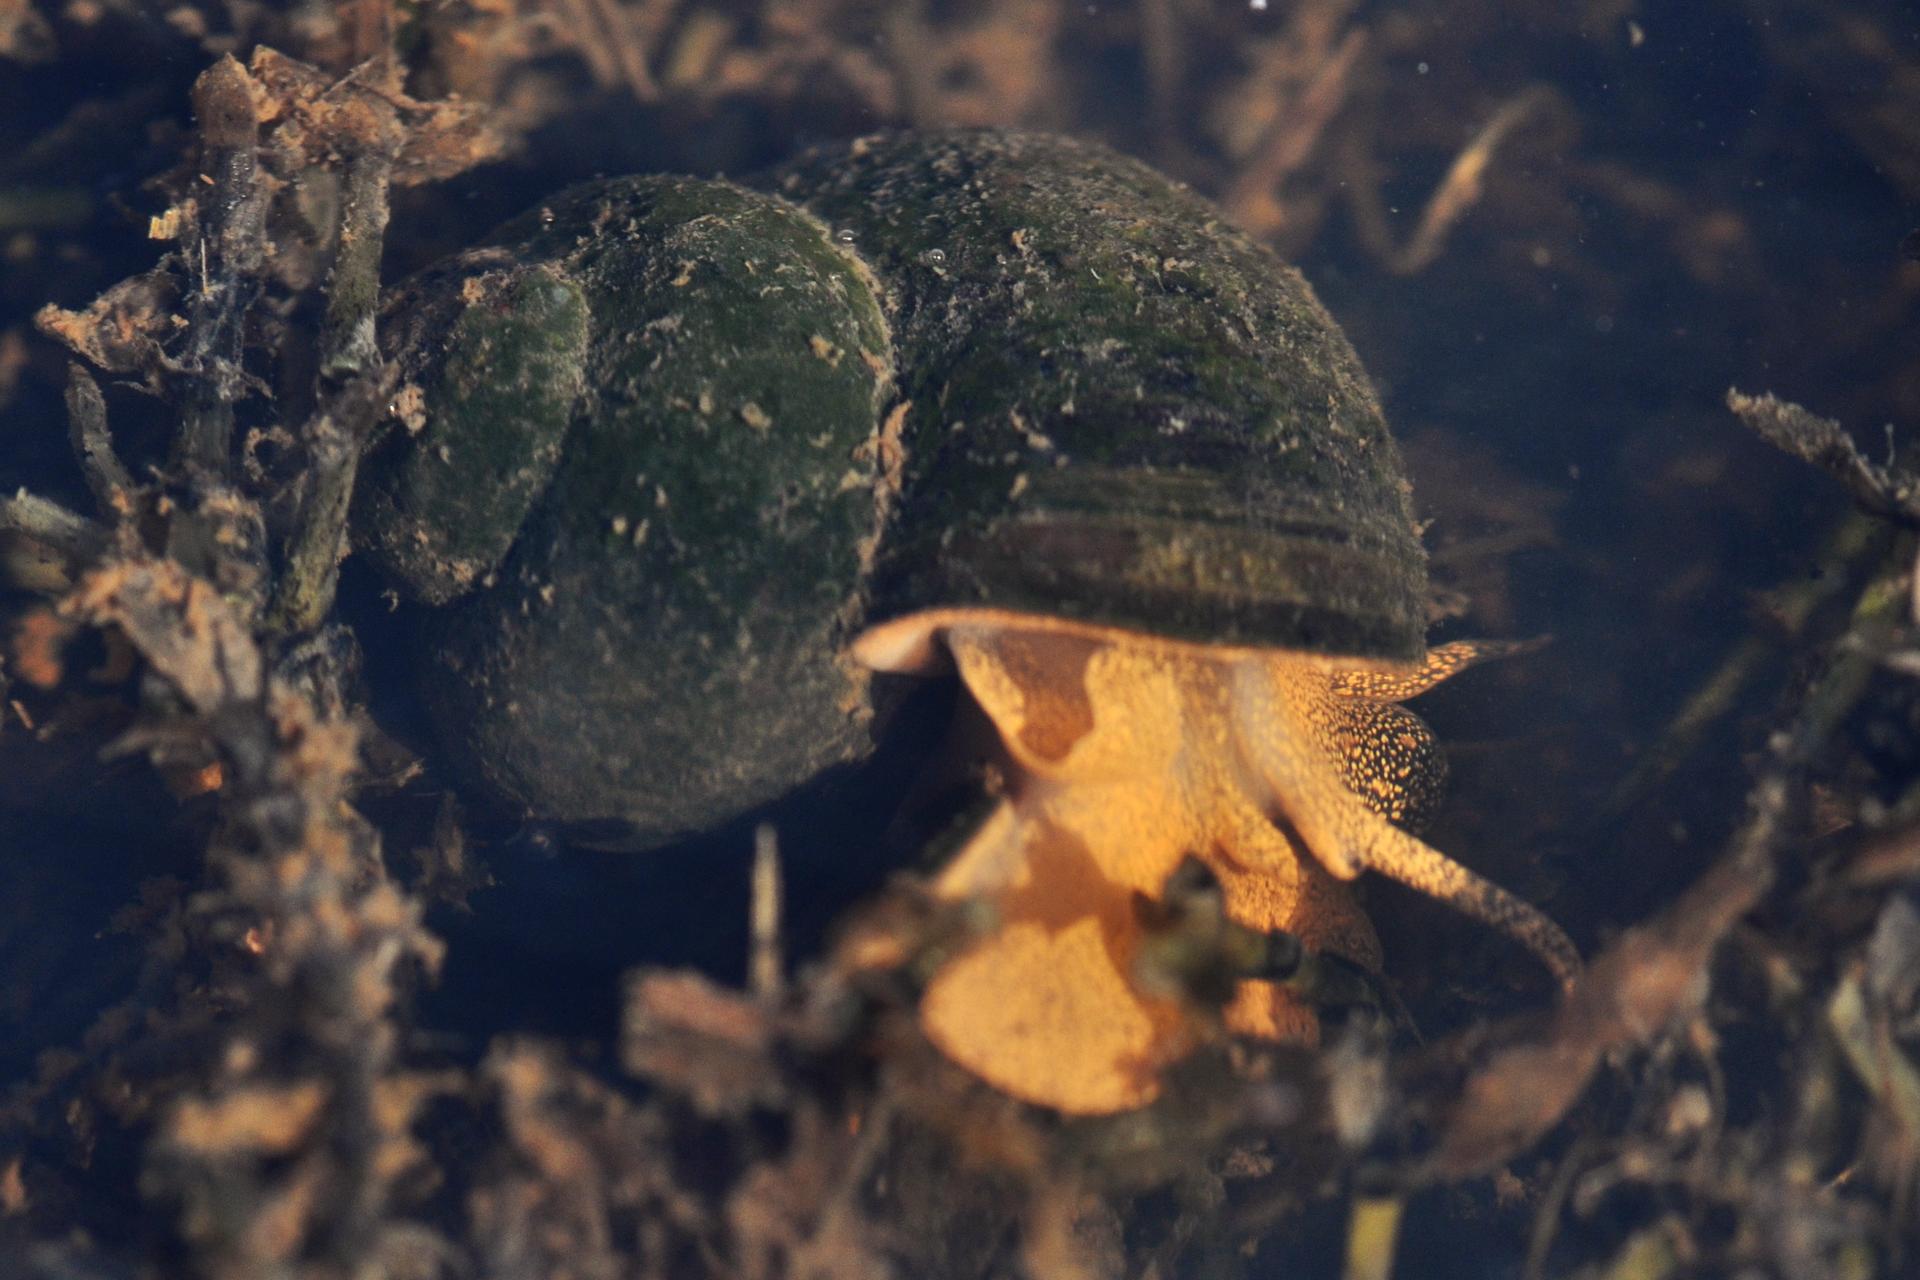 Wgalerii znajdują się fotografie przedstawicieli krajowych ślimaków. Fotografia przedstawia pomarańczowego ślimaka zciemną muszlą, pokrytą glonami. Ślimak znajduje się pomiędzy brunatnymi częściami roślin pod wodą. Głowę ma skierowaną wdół. To żyworódka rzeczna.